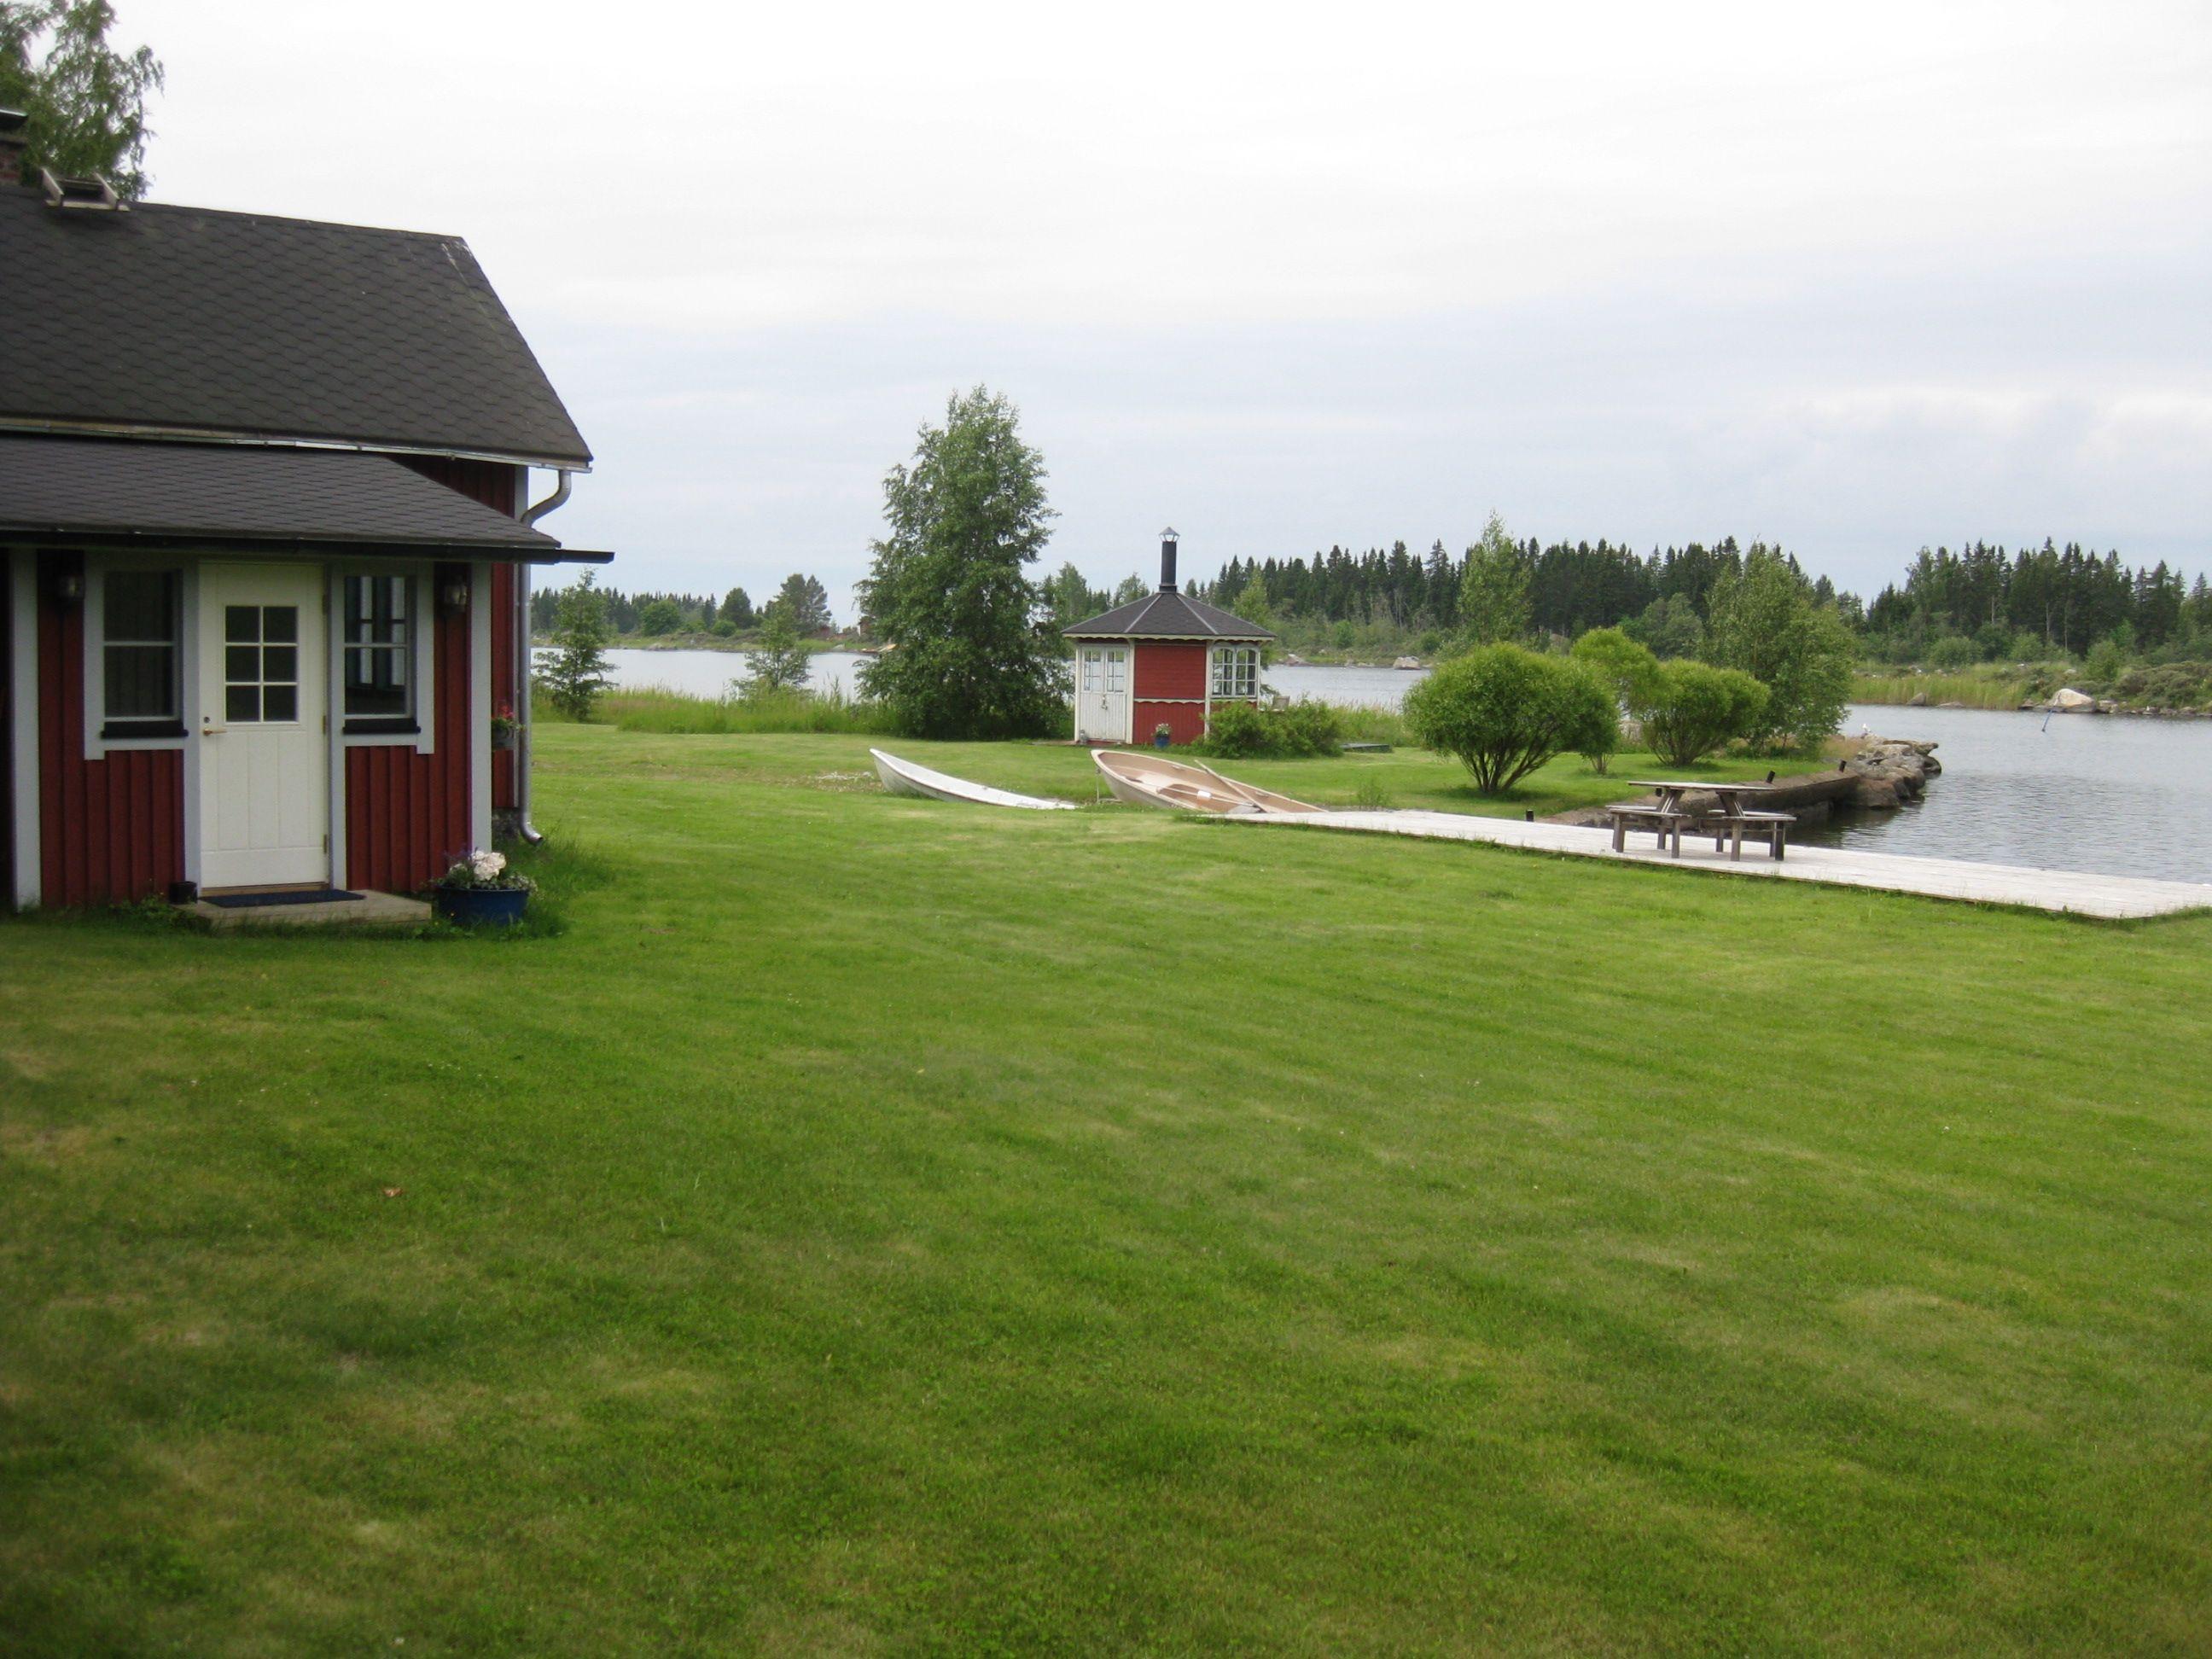 Merenranta ja laituri Bulleråsissa, tässä saisi kaunita kuvia myös.